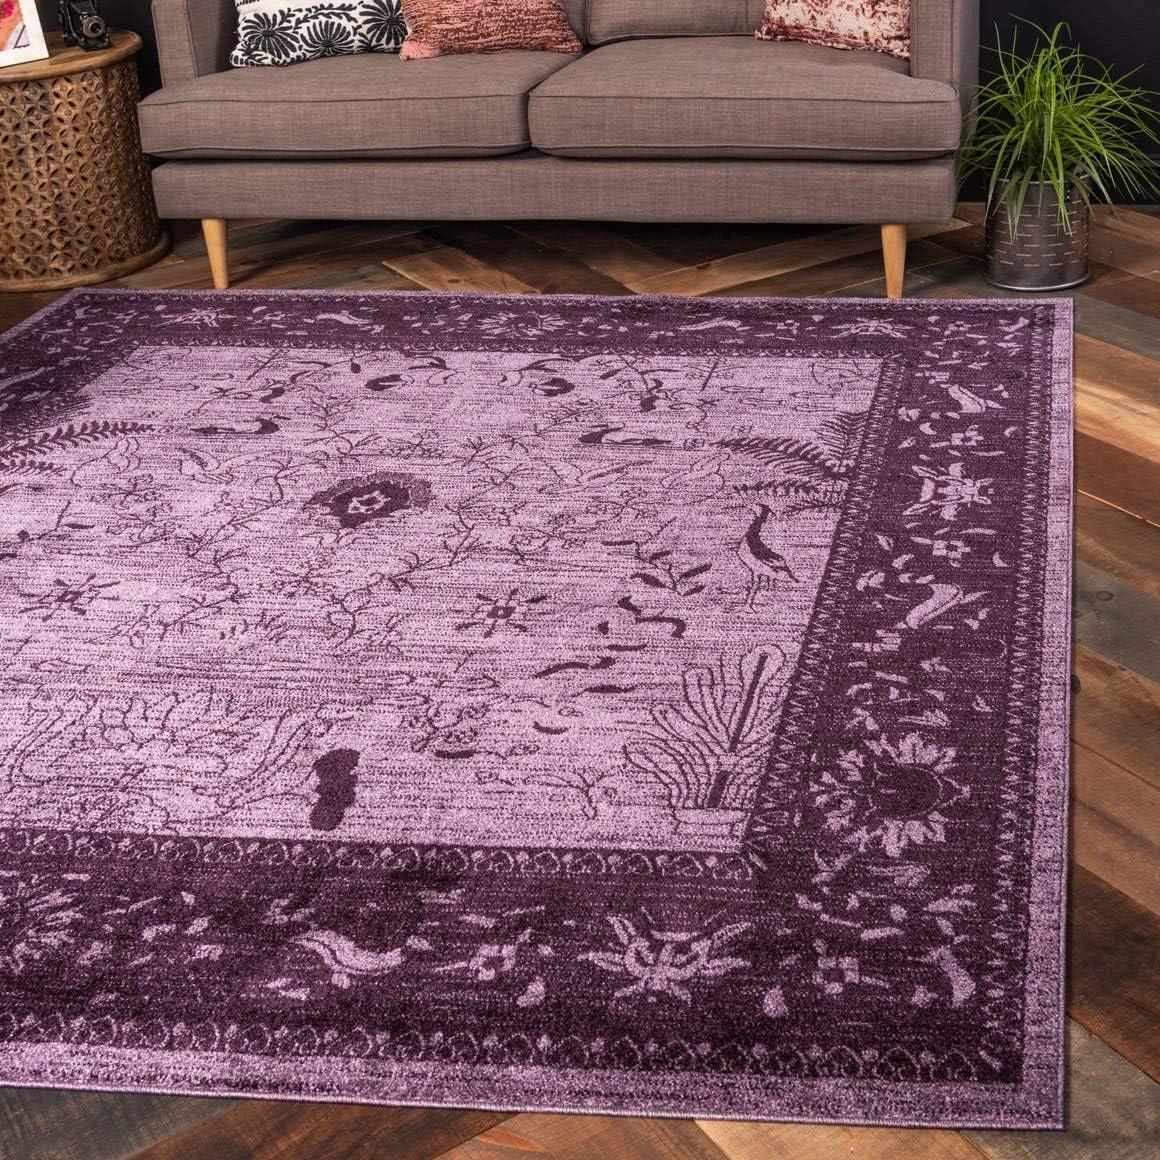 Unique Loom La Jolla Collection Tone-on-Tone Traditional Purple Square Rug 8 0 x 8 0